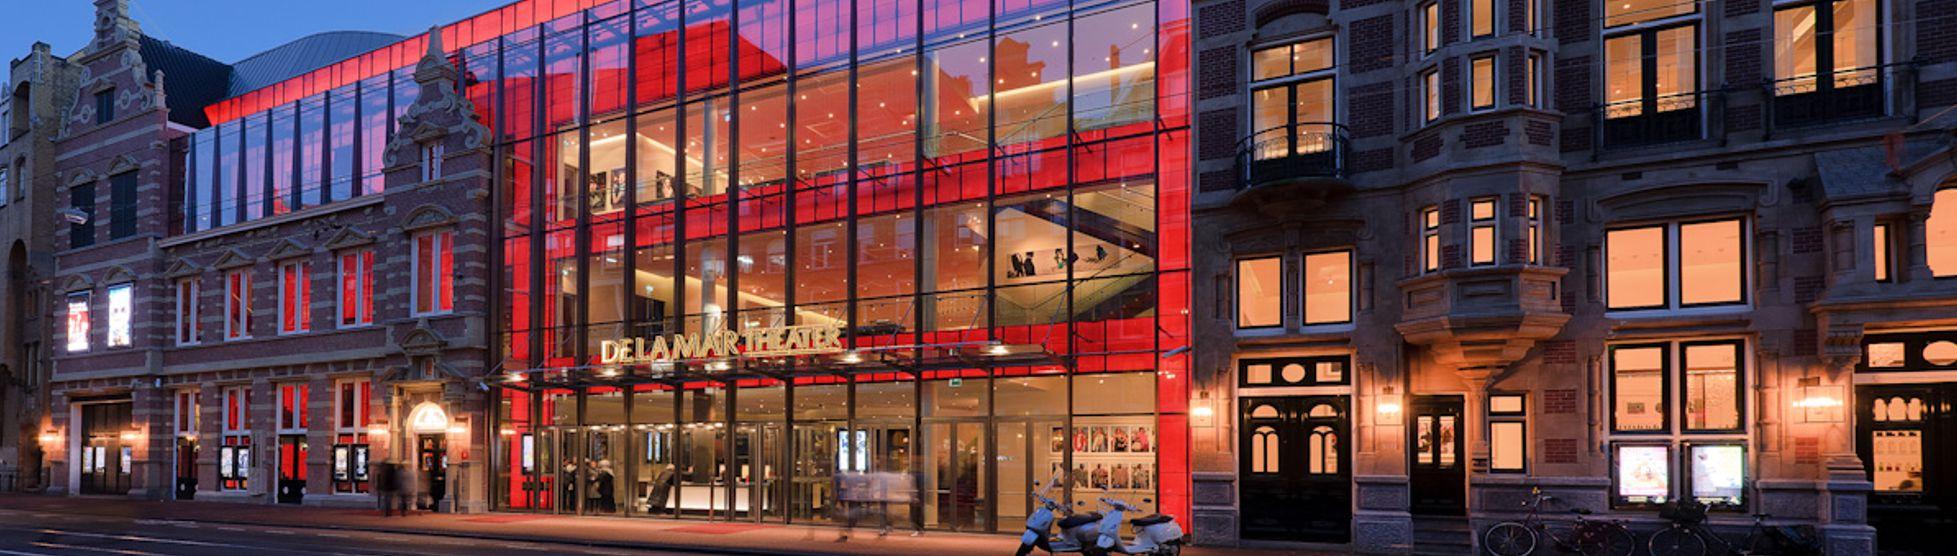 De La Mar Theater, Amsterdam